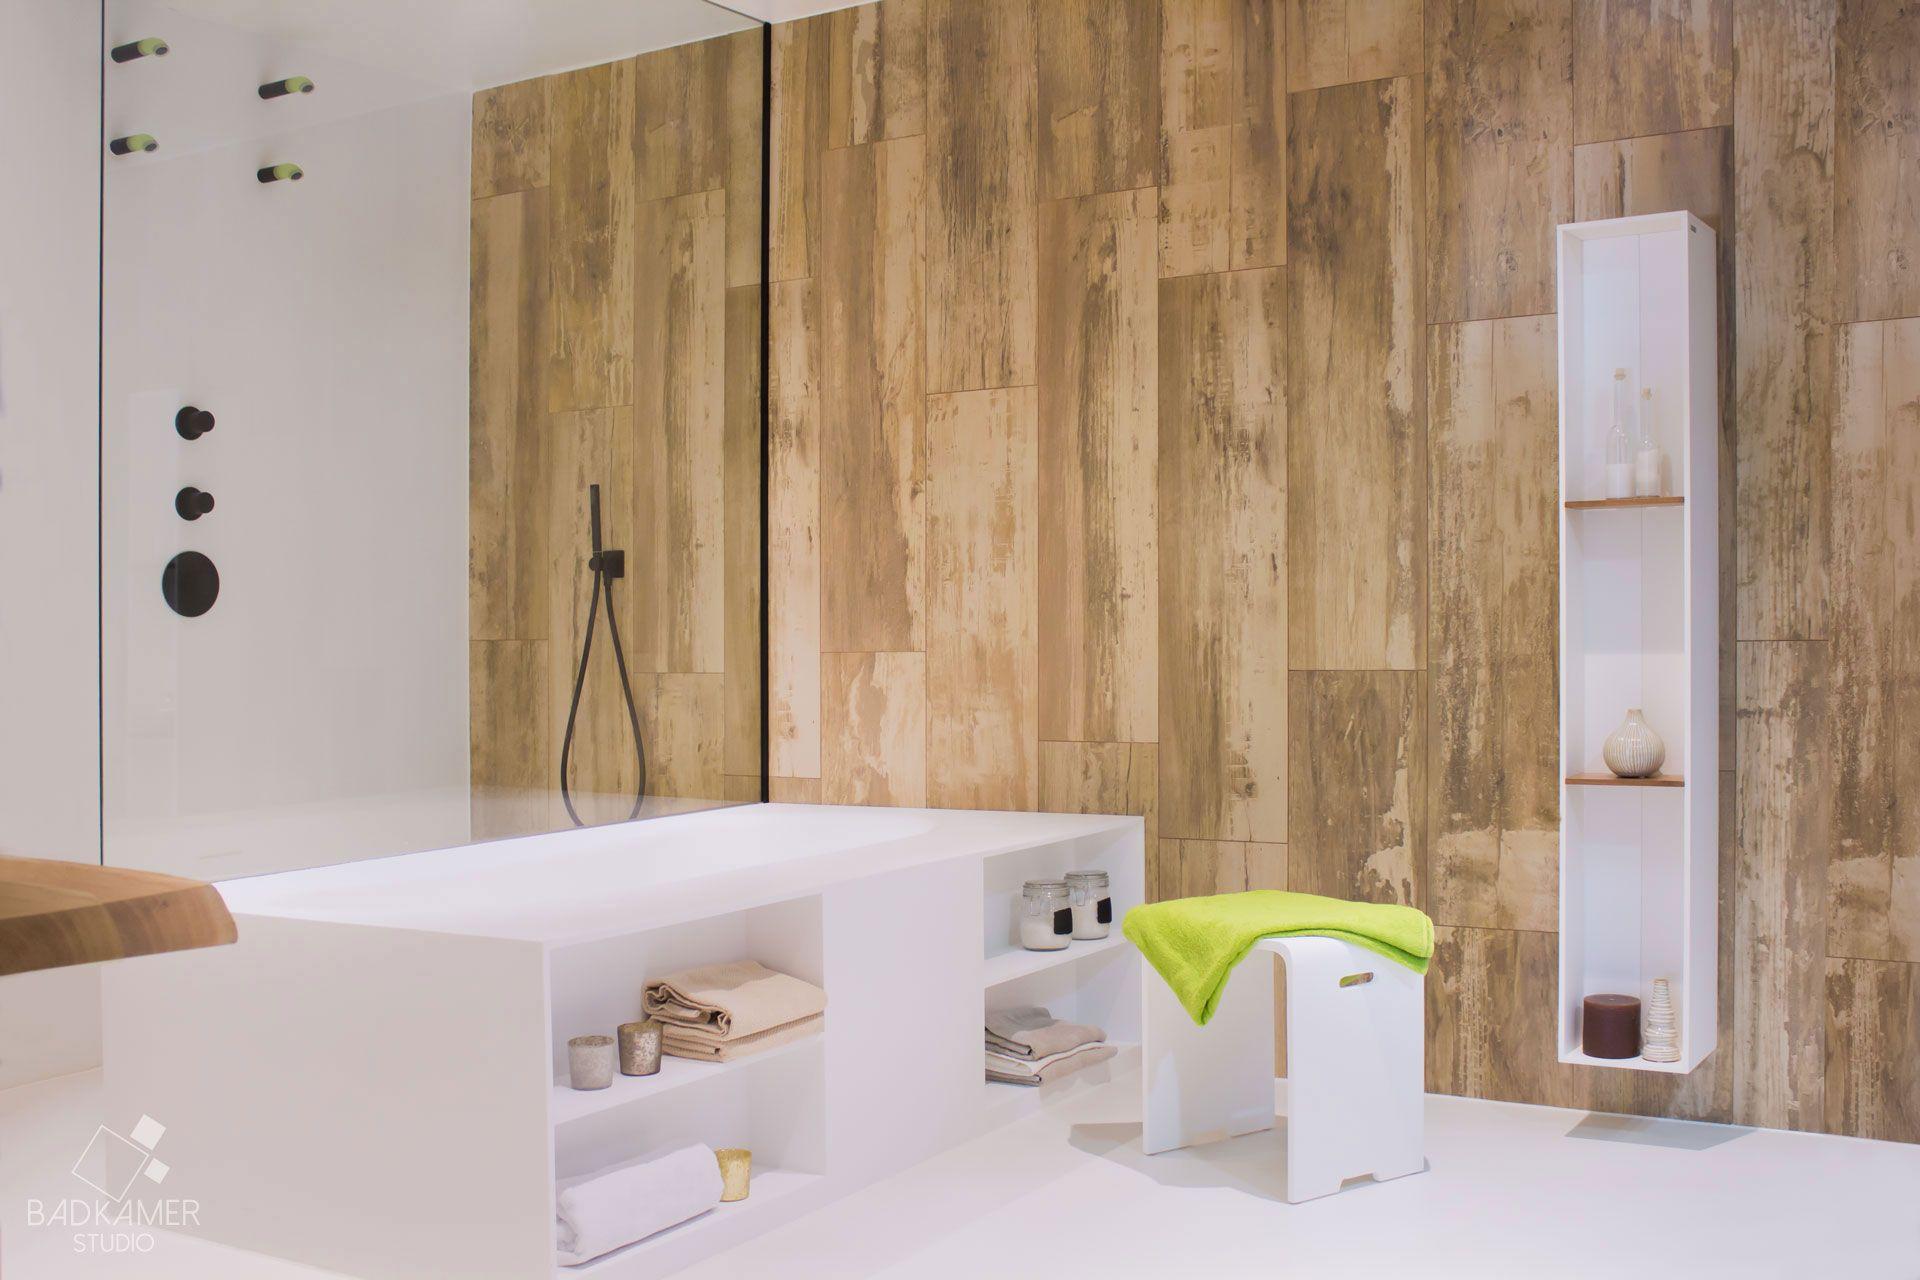 Underlayment In Badkamer : Organische badkamer met solid surface corian bad en waskommen en